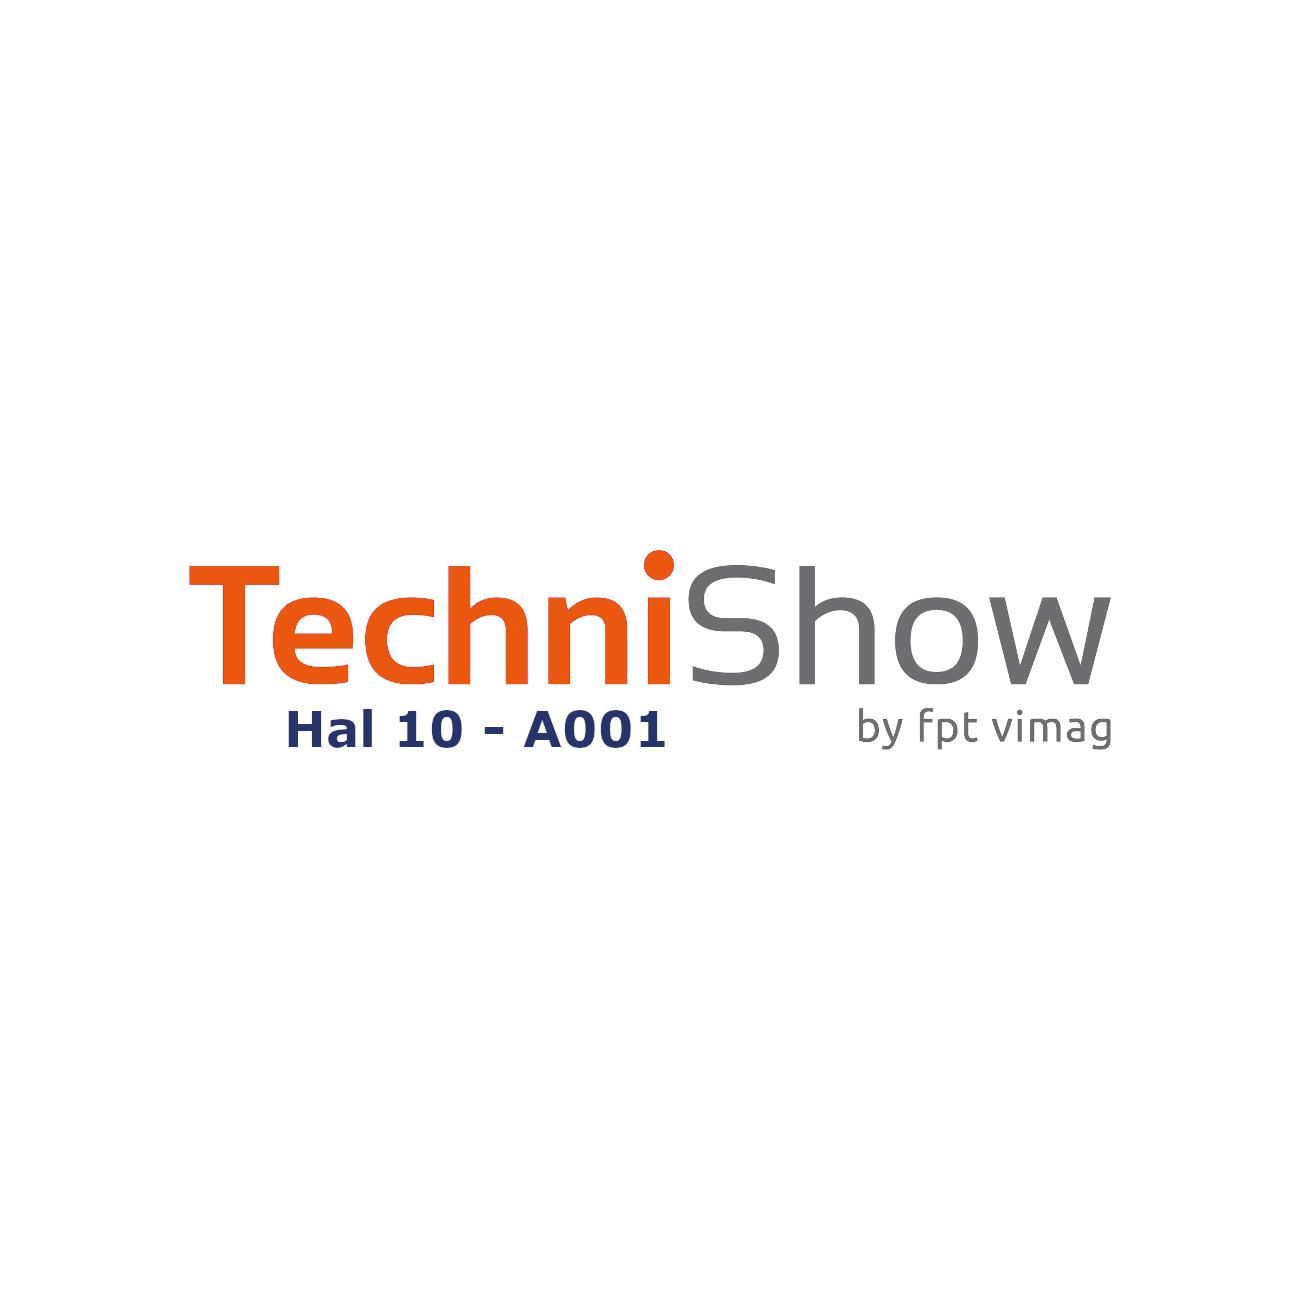 Technishow 2020; Almotion aanwezig met Lineairtechniek©